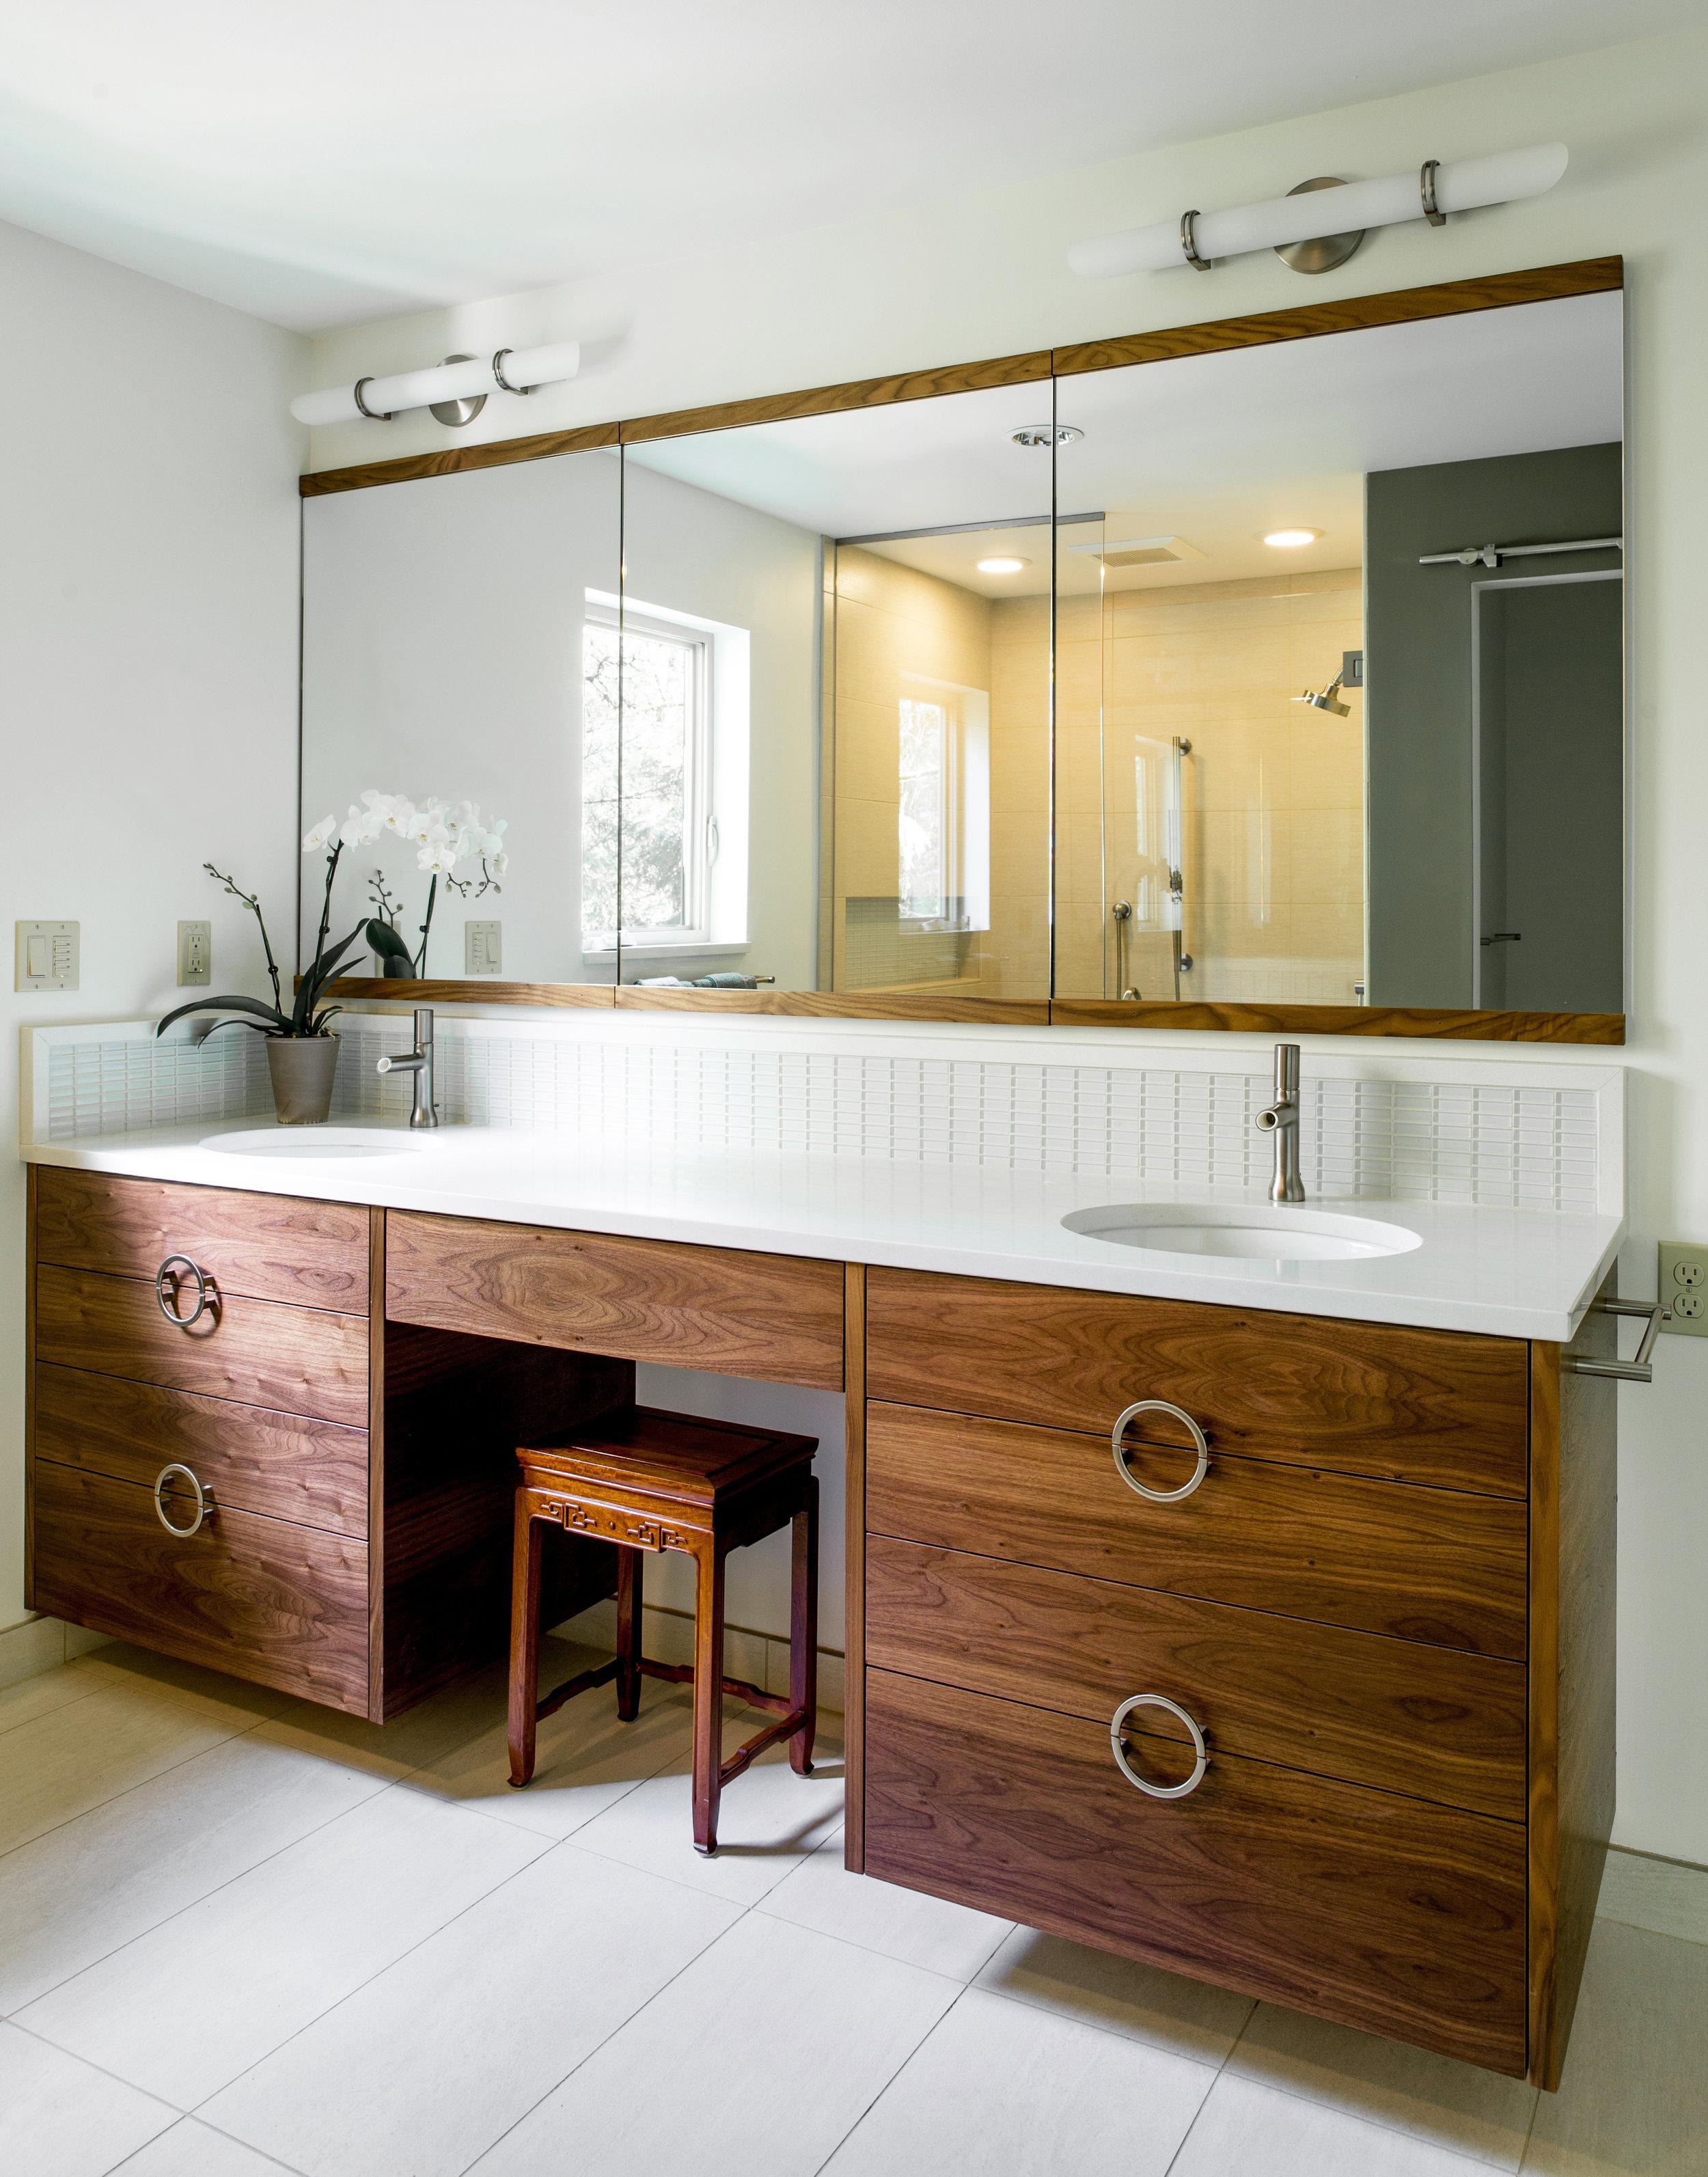 Broadleaf-Remodel-Master-Bathroom-Vanity.jpg